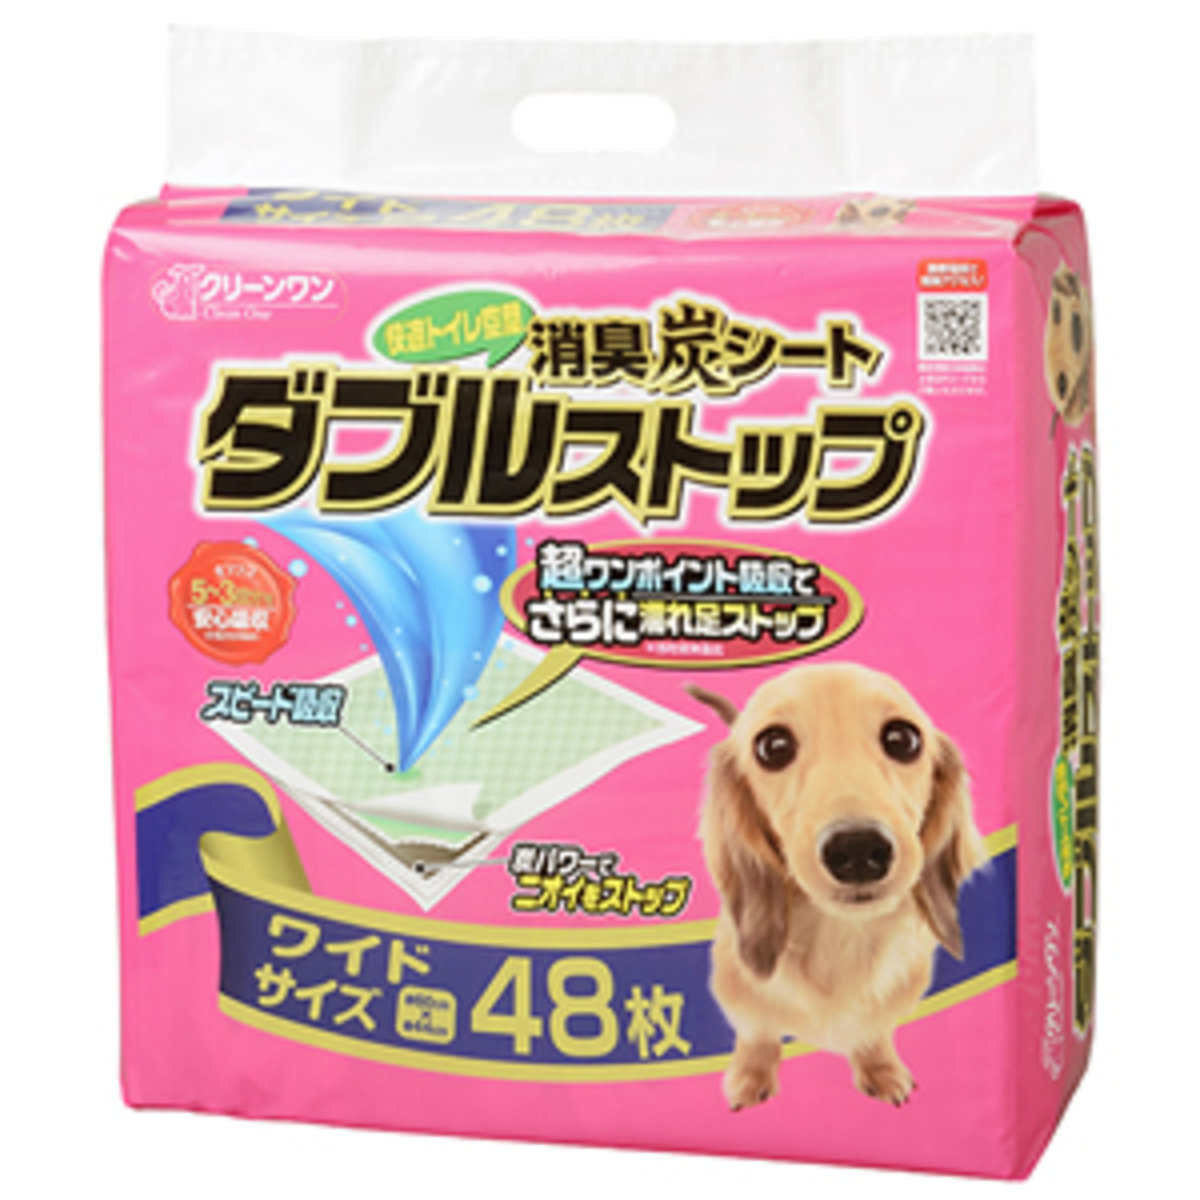 日本 CS (消臭炭) 寵物尿片48片裝 - 60x45cm